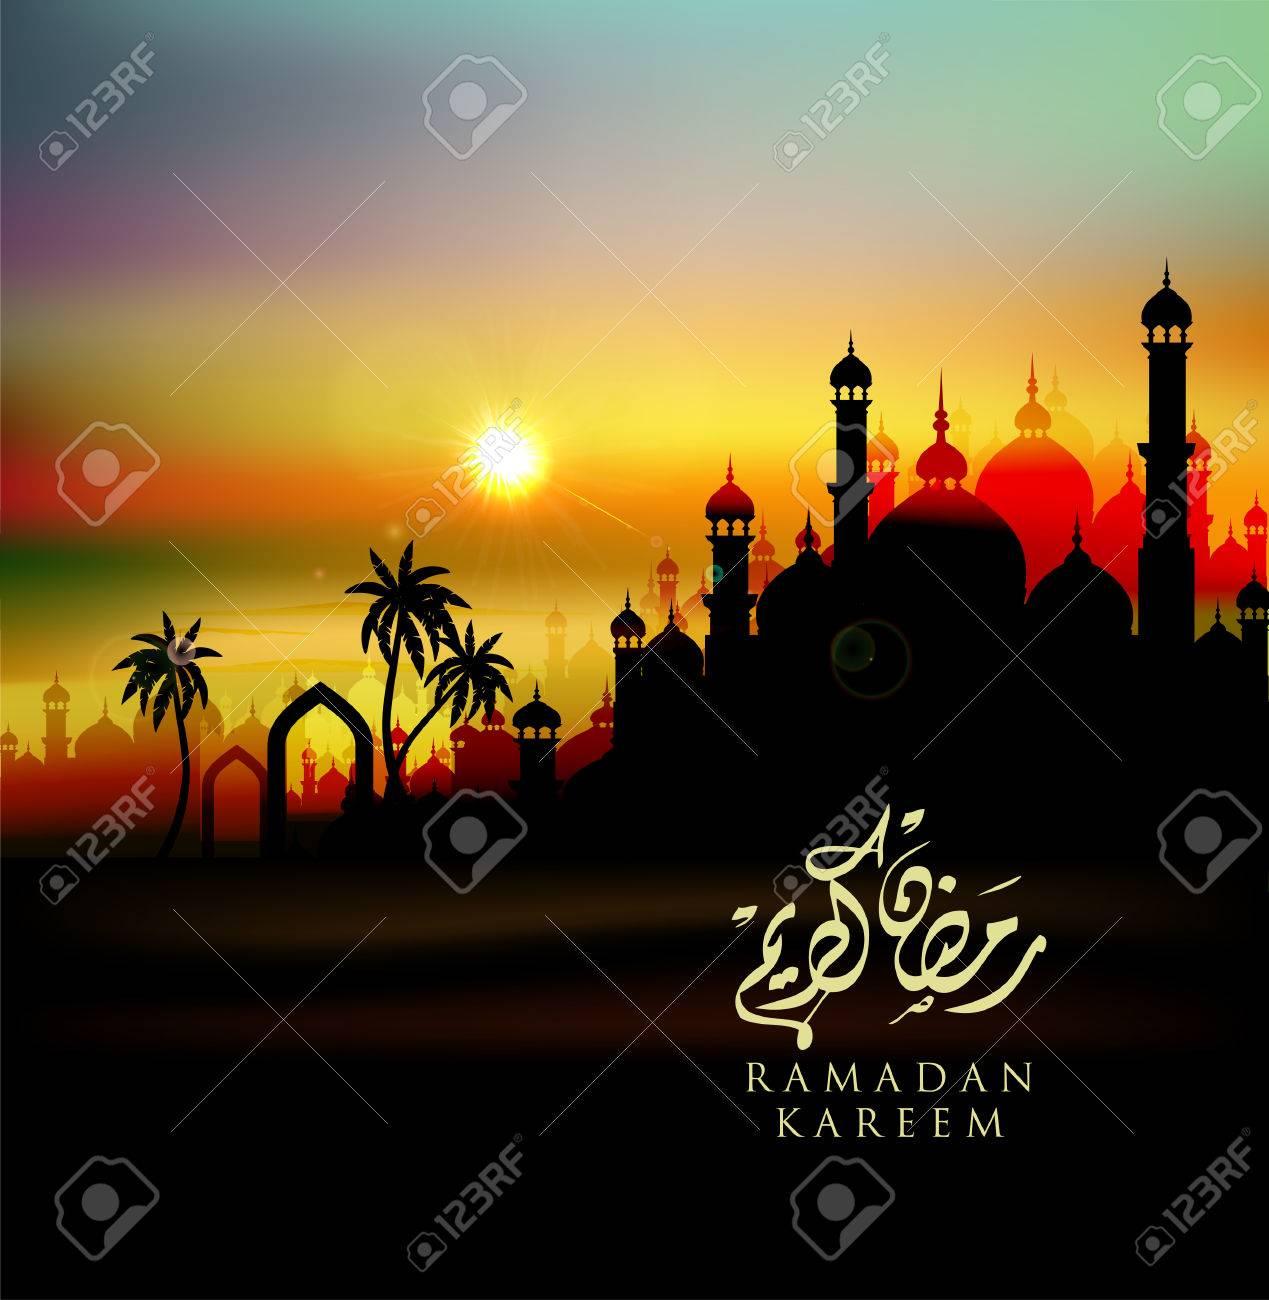 Ramadan mubarak ramadan kareem greeting card with arabic ramadan mubarak ramadan kareem greeting card with arabic calligraphy which means ramadan kareem m4hsunfo